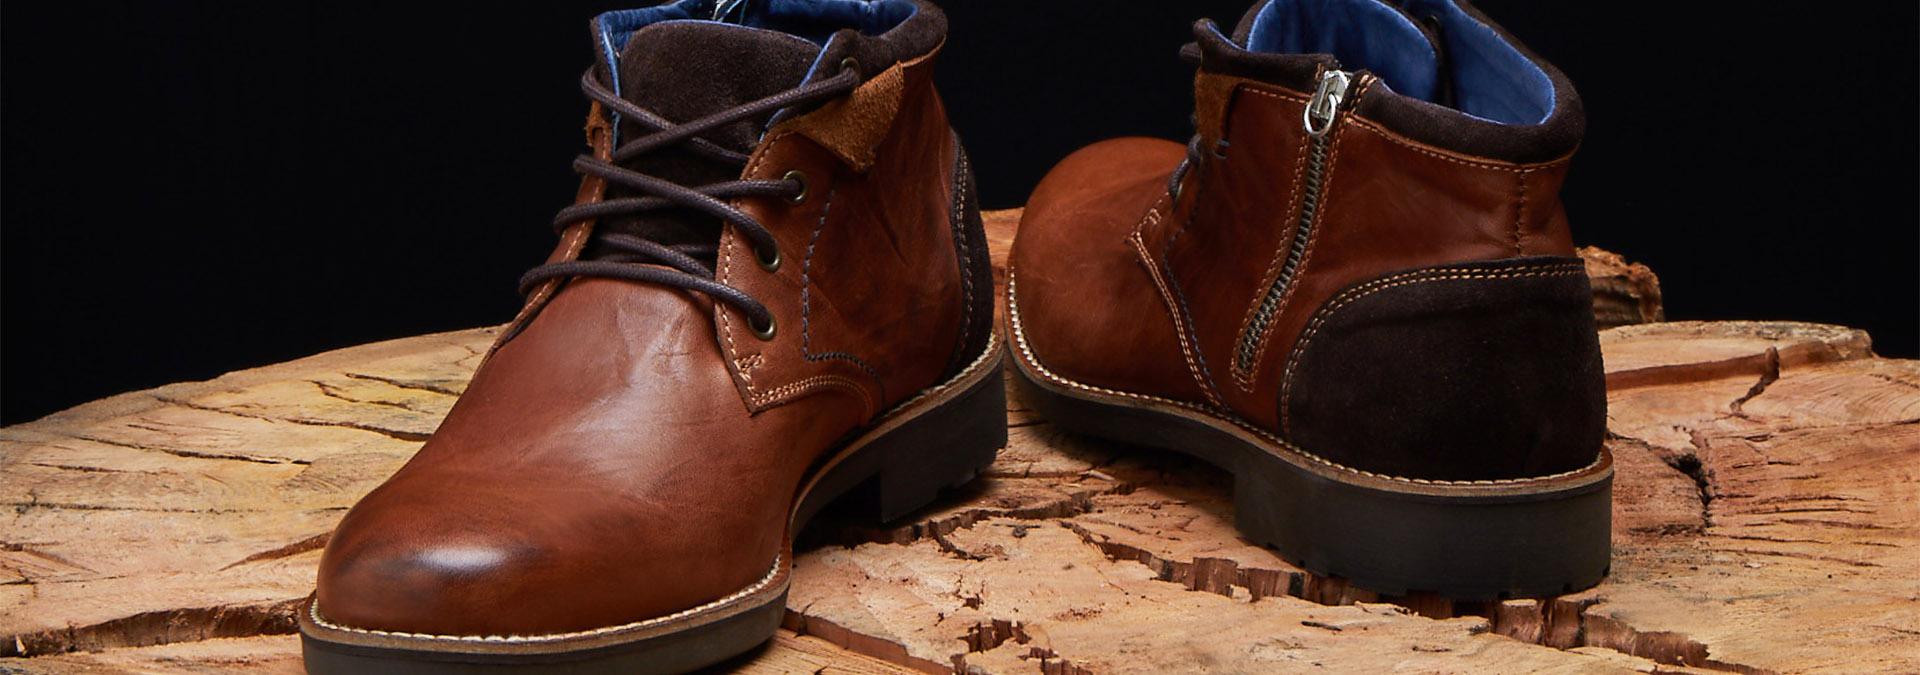 797394b43e Shop the Florsheim Shoes New Arrivals Category.